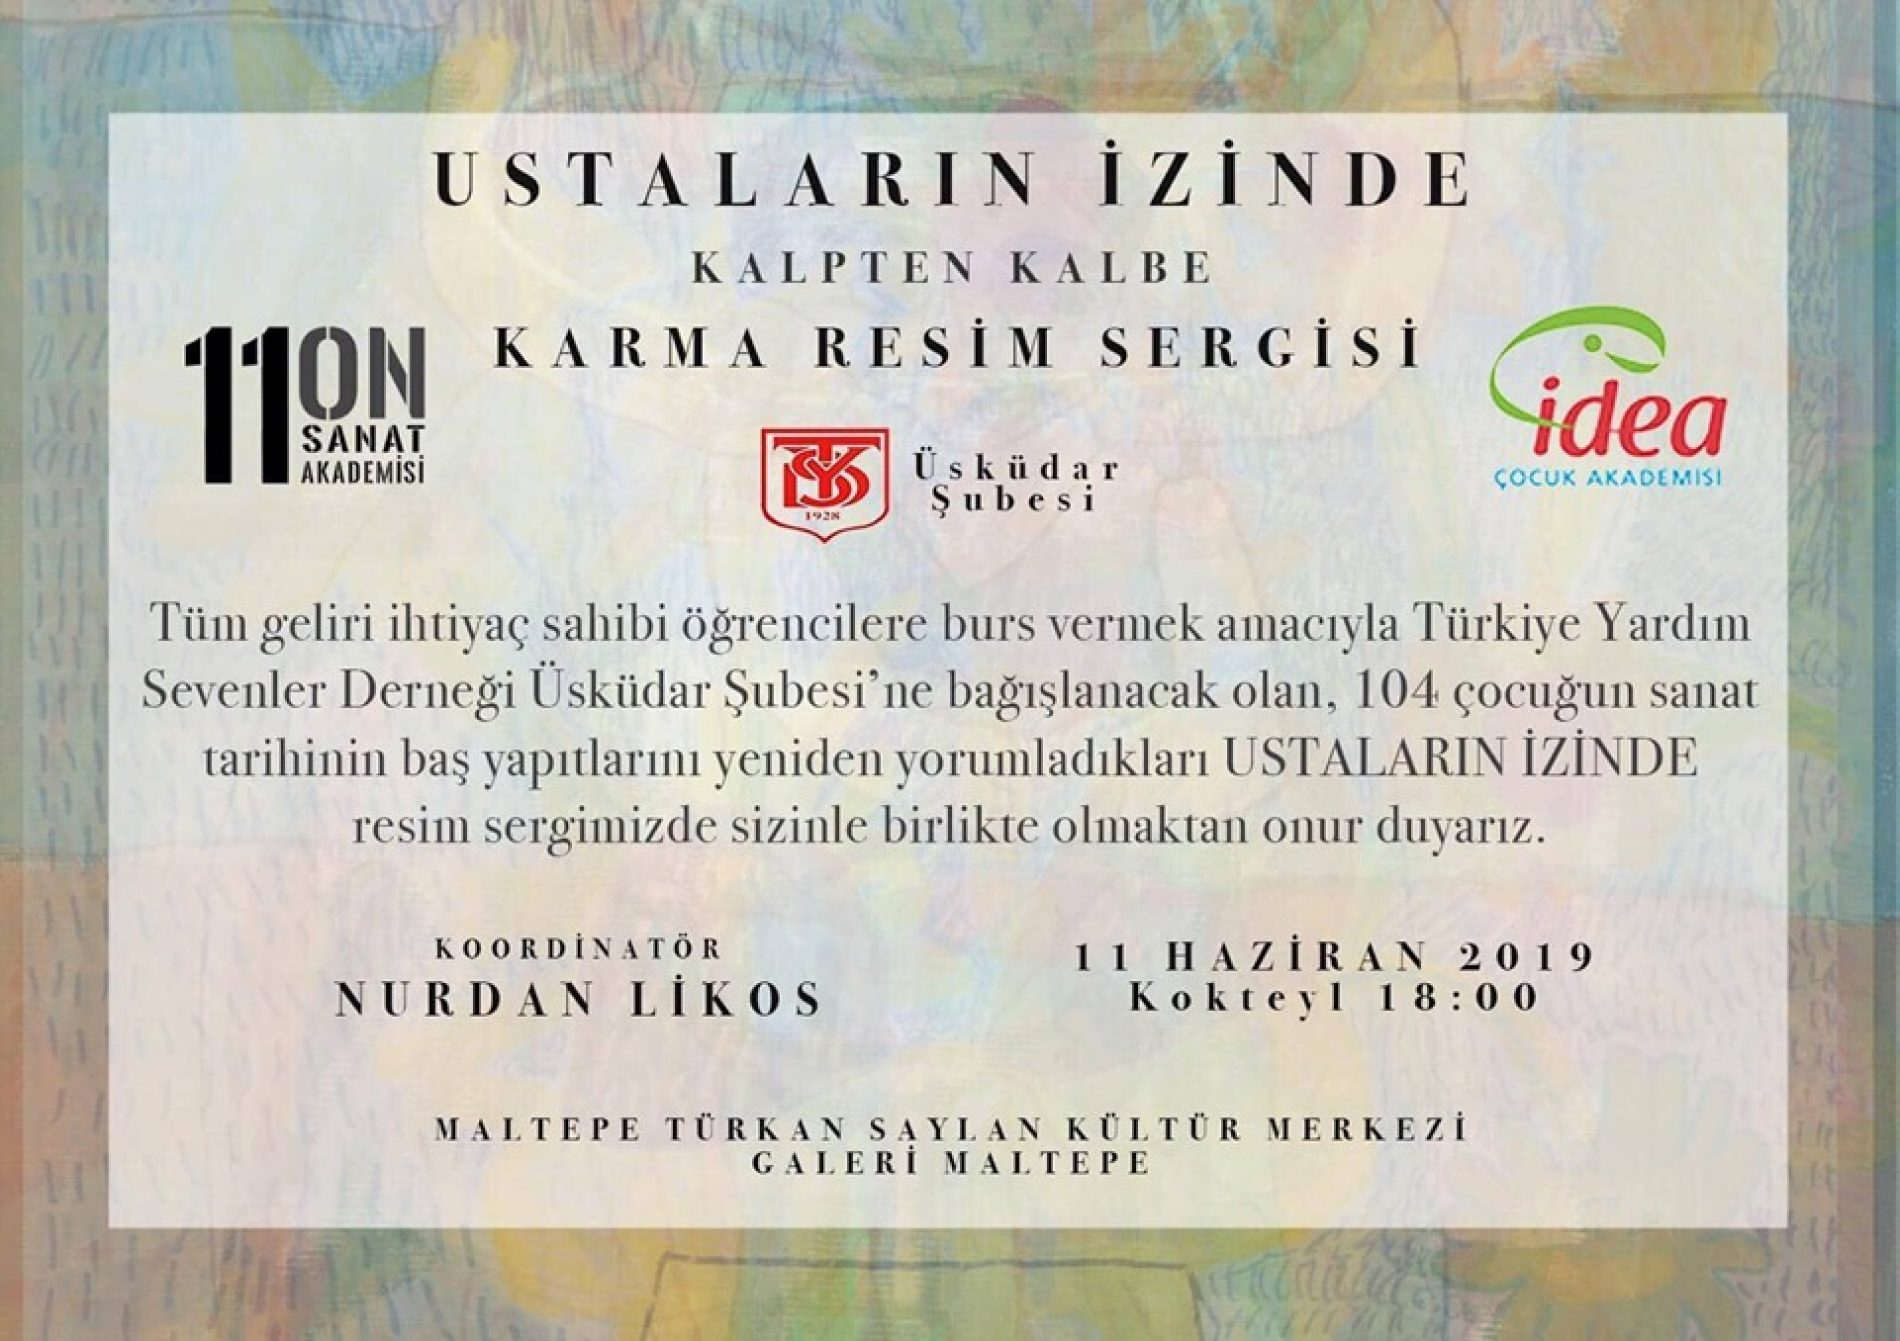 TYSD Üsküdar Şubemizin 'USTALARIN İZİNDE KALPTEN KALBE' Karma Resim Sergisi Duyurusu